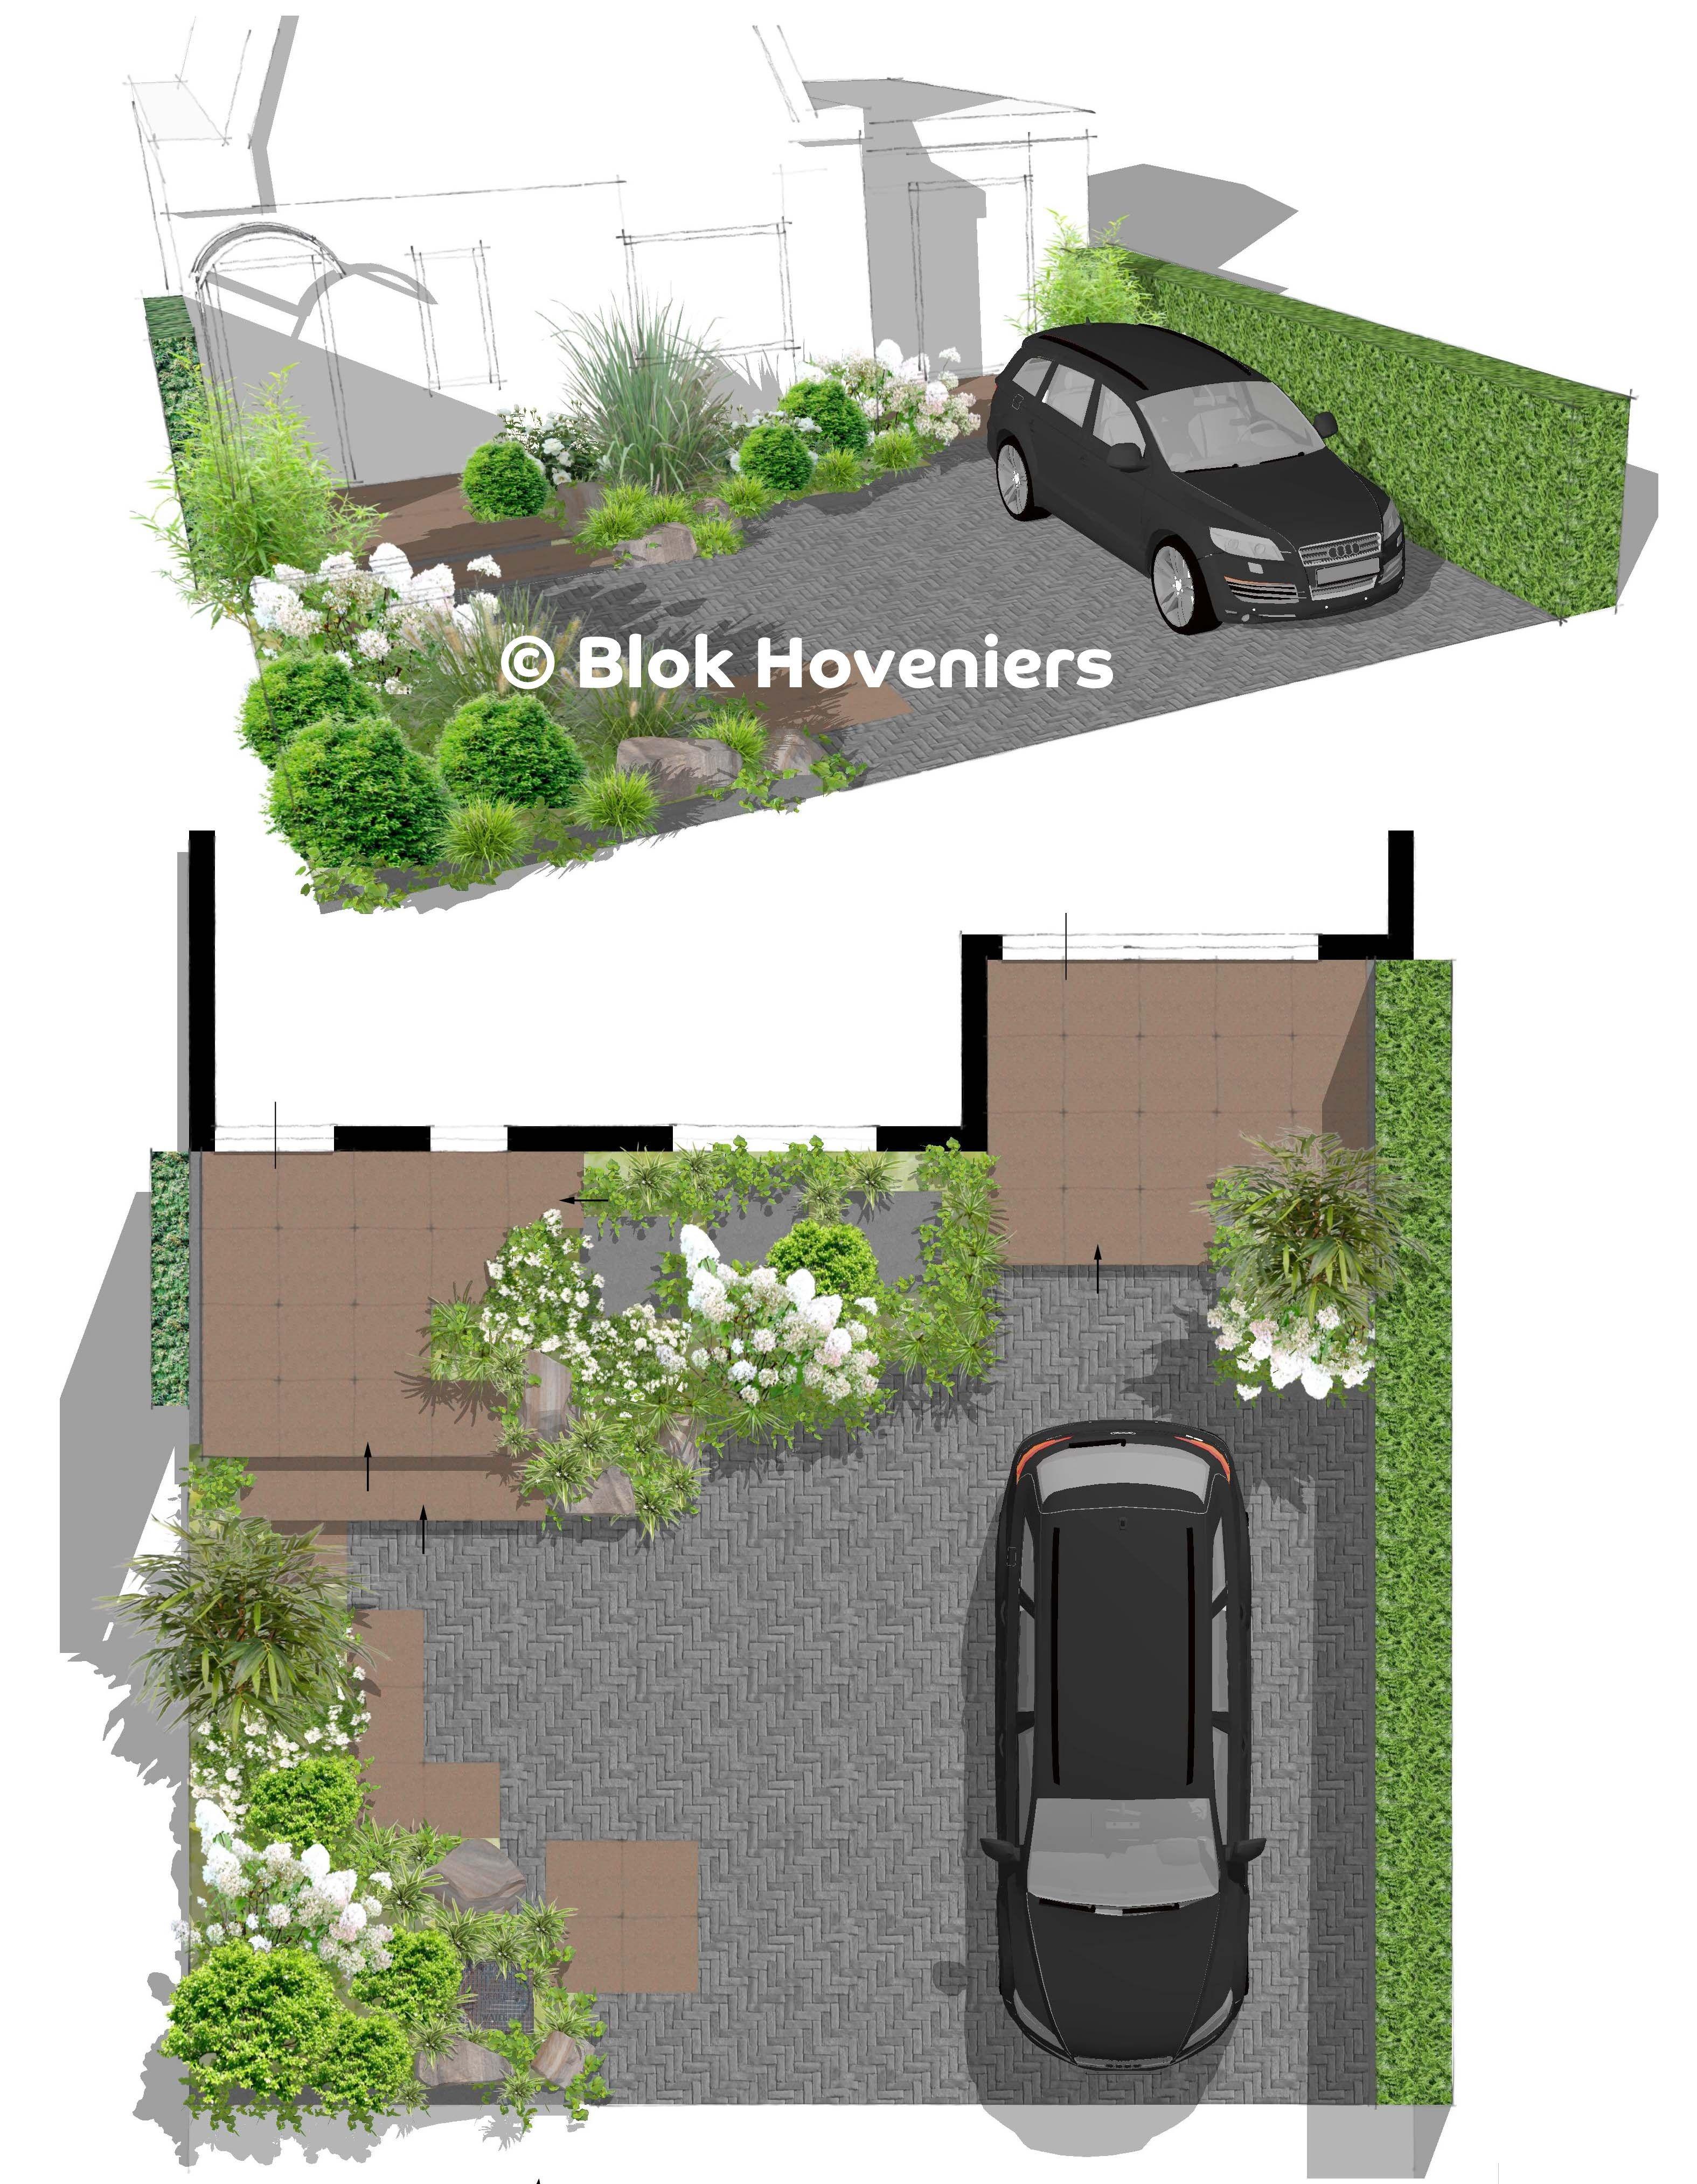 Fonkelnieuw Blok Hoveniers #sketchup #tuinontwerp #voortuin #oprit | Voortuin GN-89